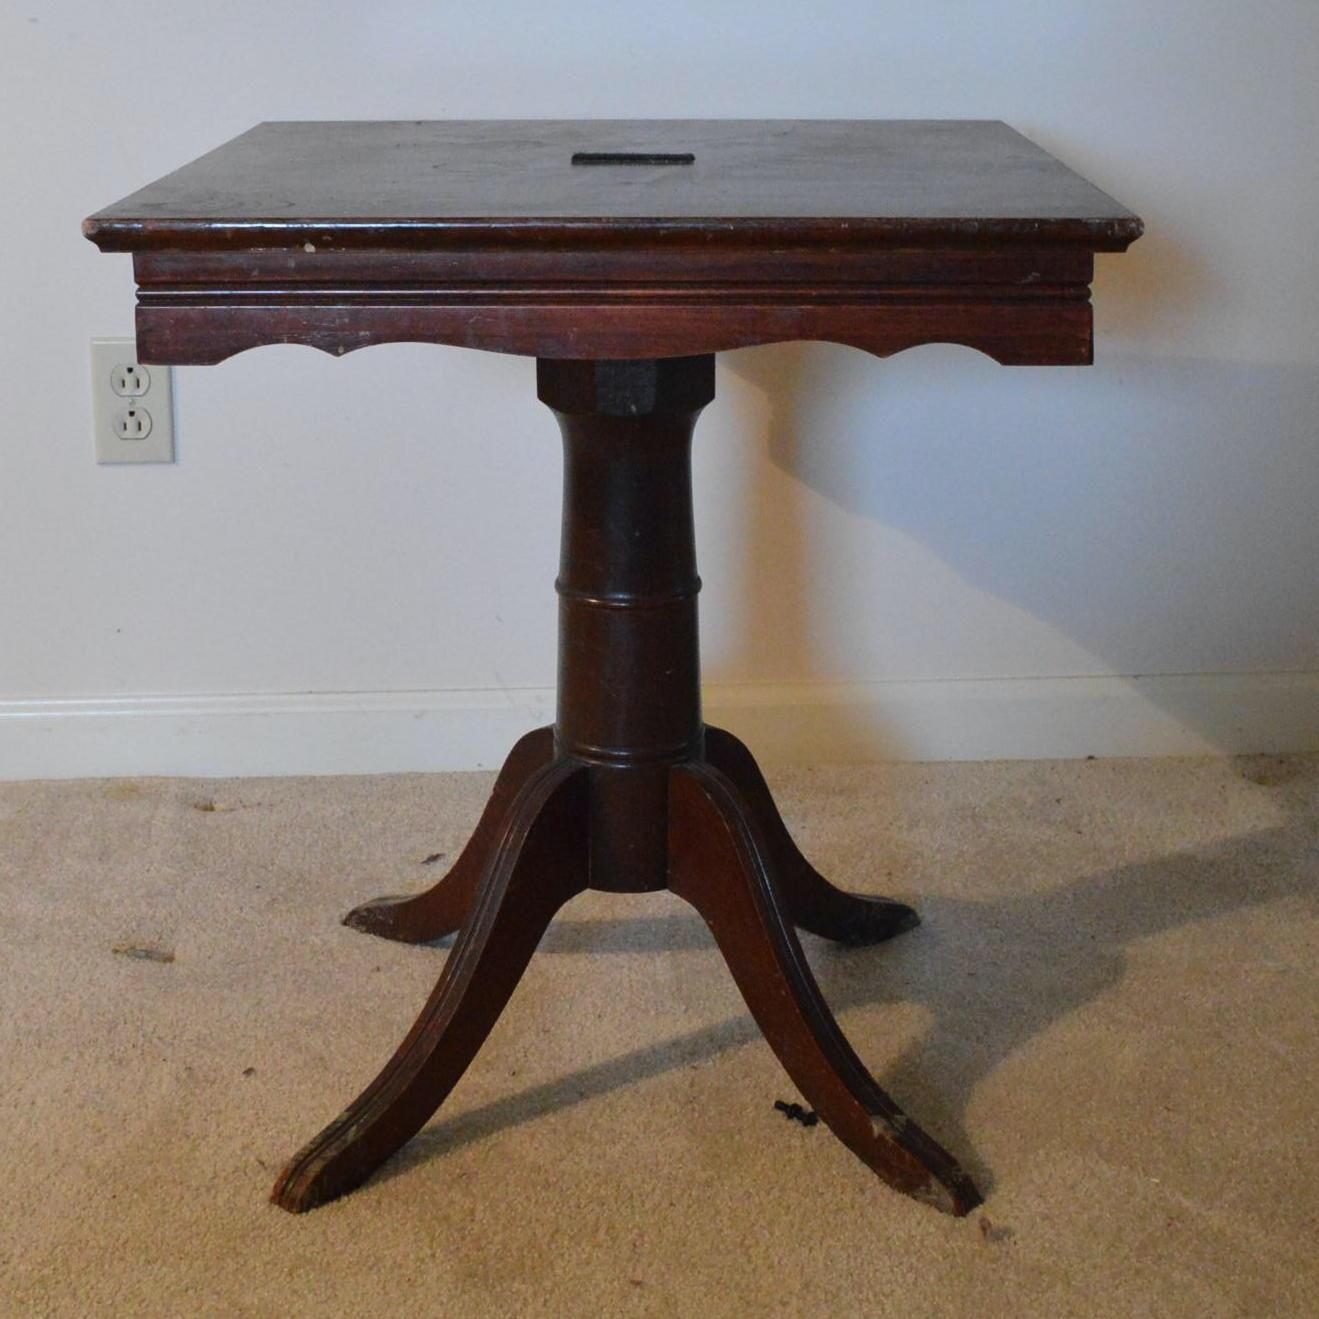 Vintage Eastlake Inspired Side Table